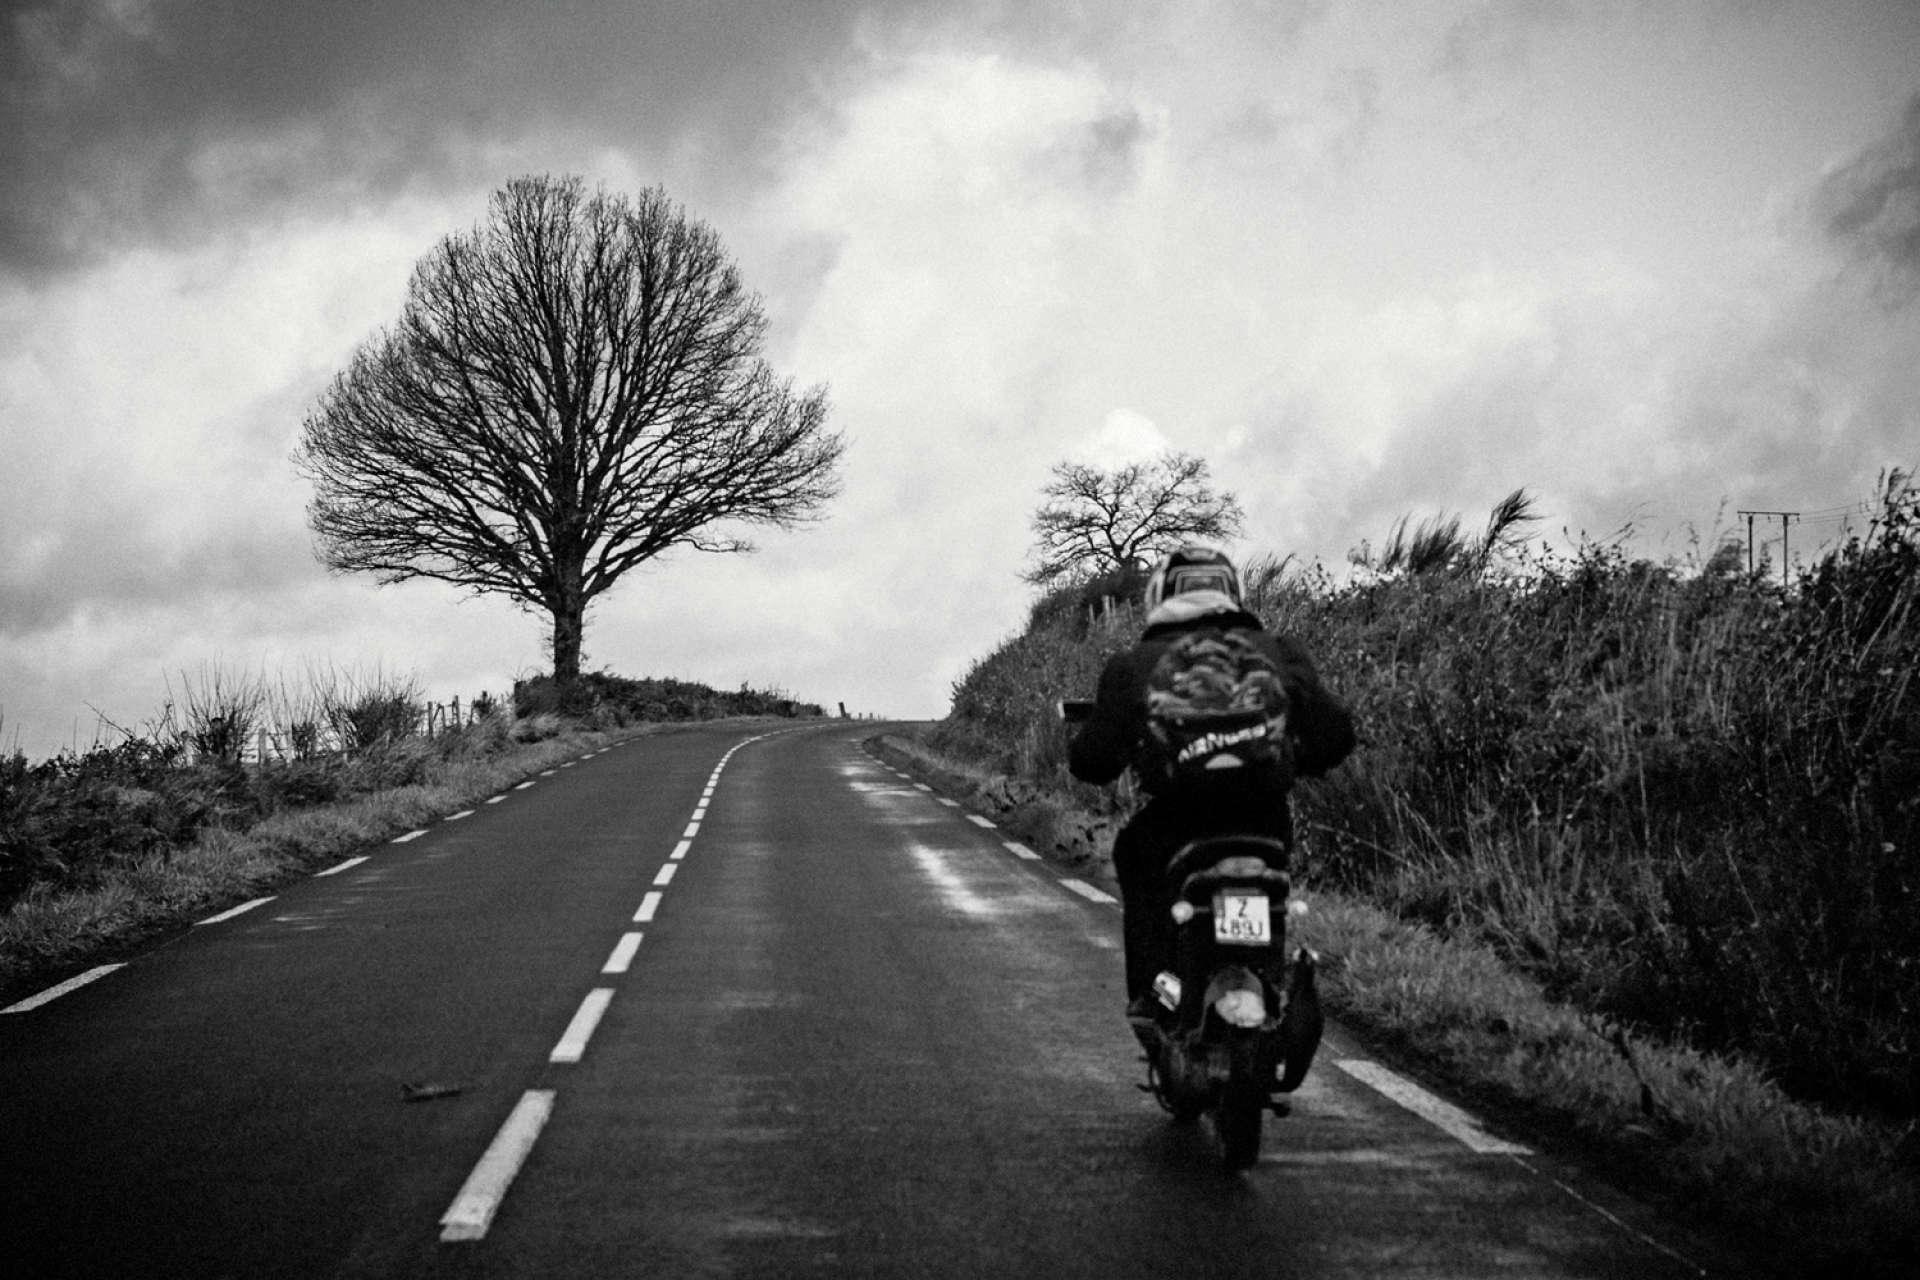 Sans permis, Mickaël, 29 ans, parcourt 80 kilomètres sur son scooter entre le chantier d'insertion où il travaille et l'auto-école où il prépare le permis.